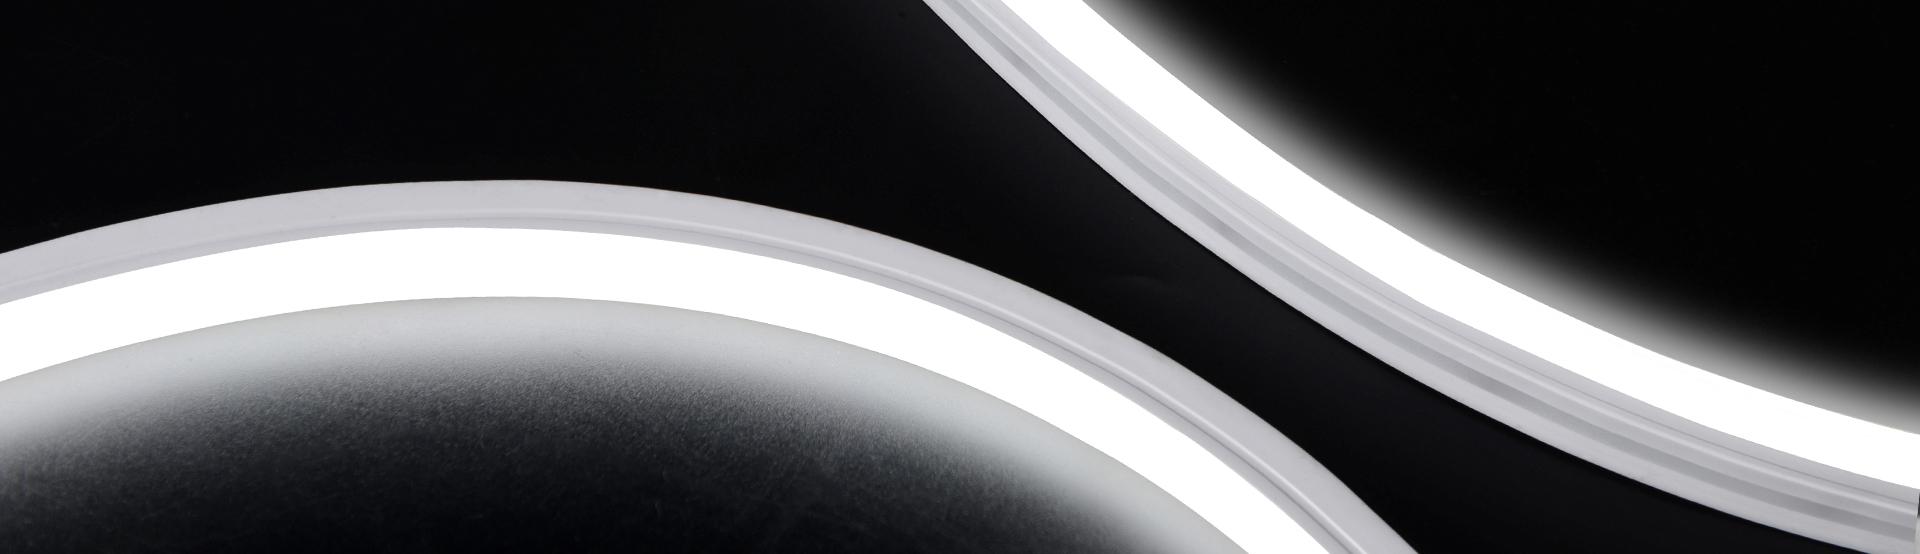 Silicone Neon Strip